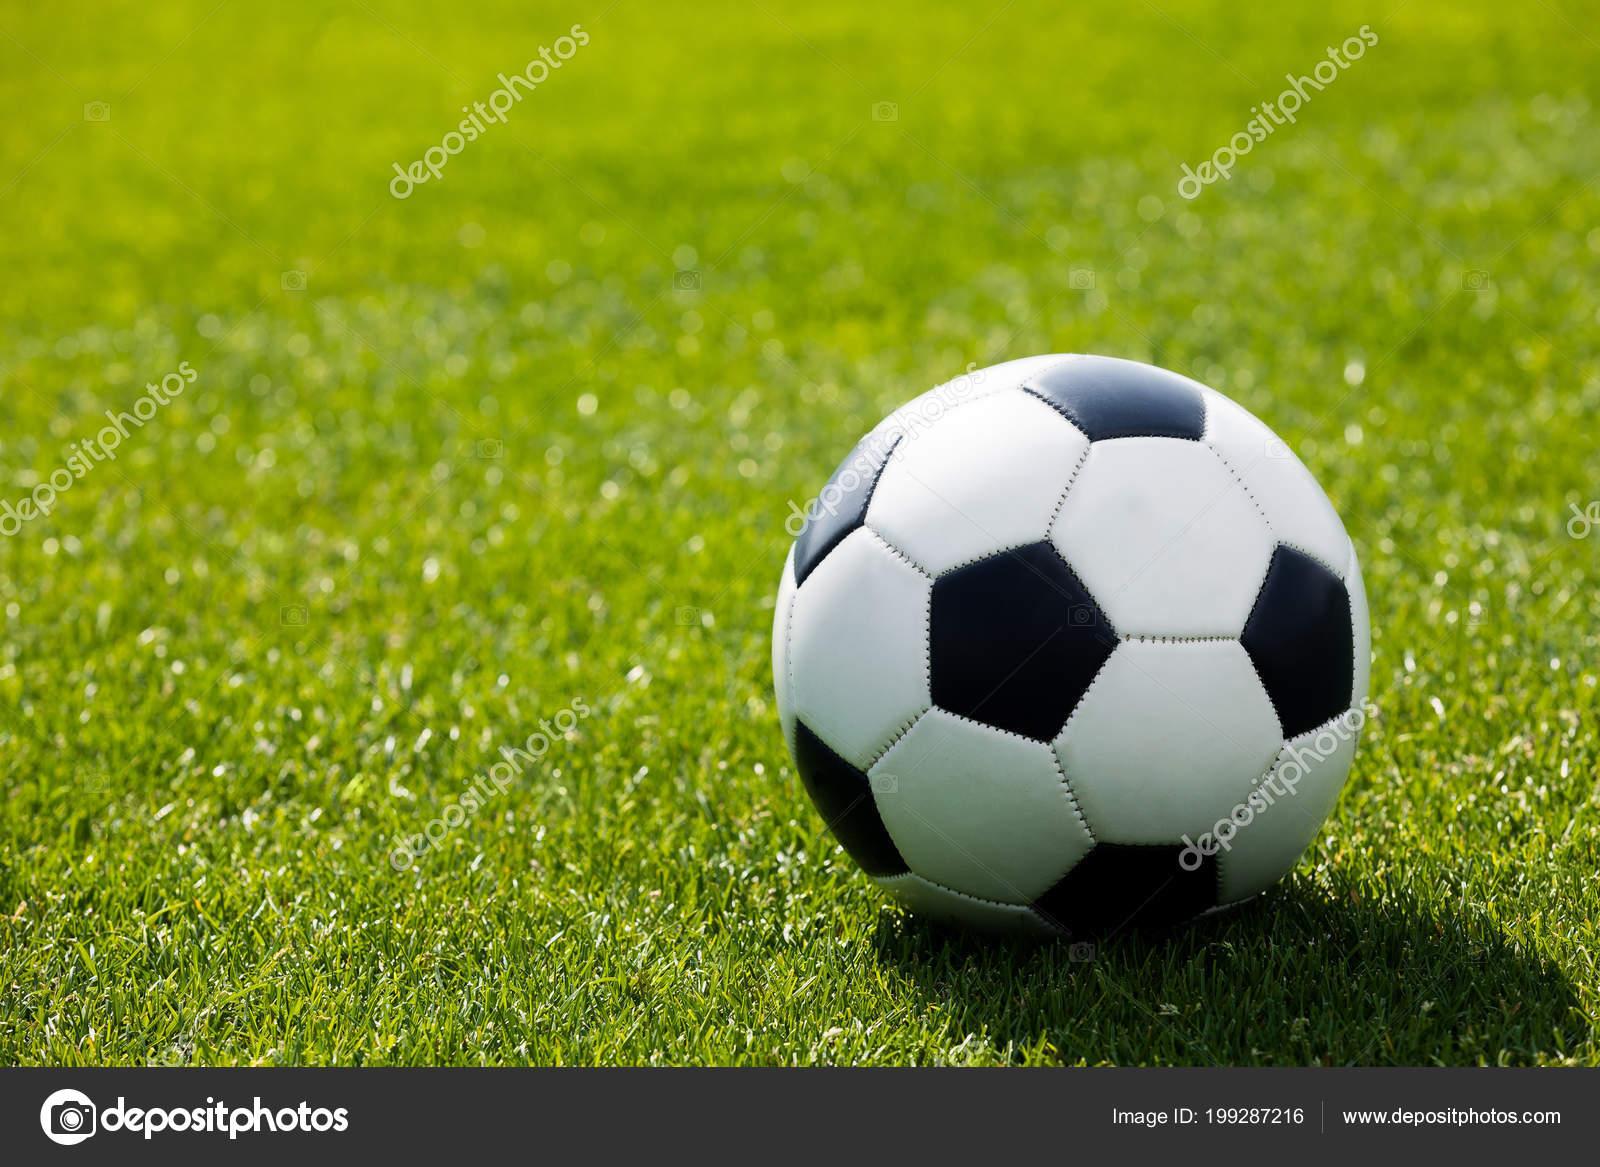 Pelota Futbol Campo Hierba Campo Fútbol Hierba Verde Césped Sintético —  Foto de Stock a95cadba3eb54